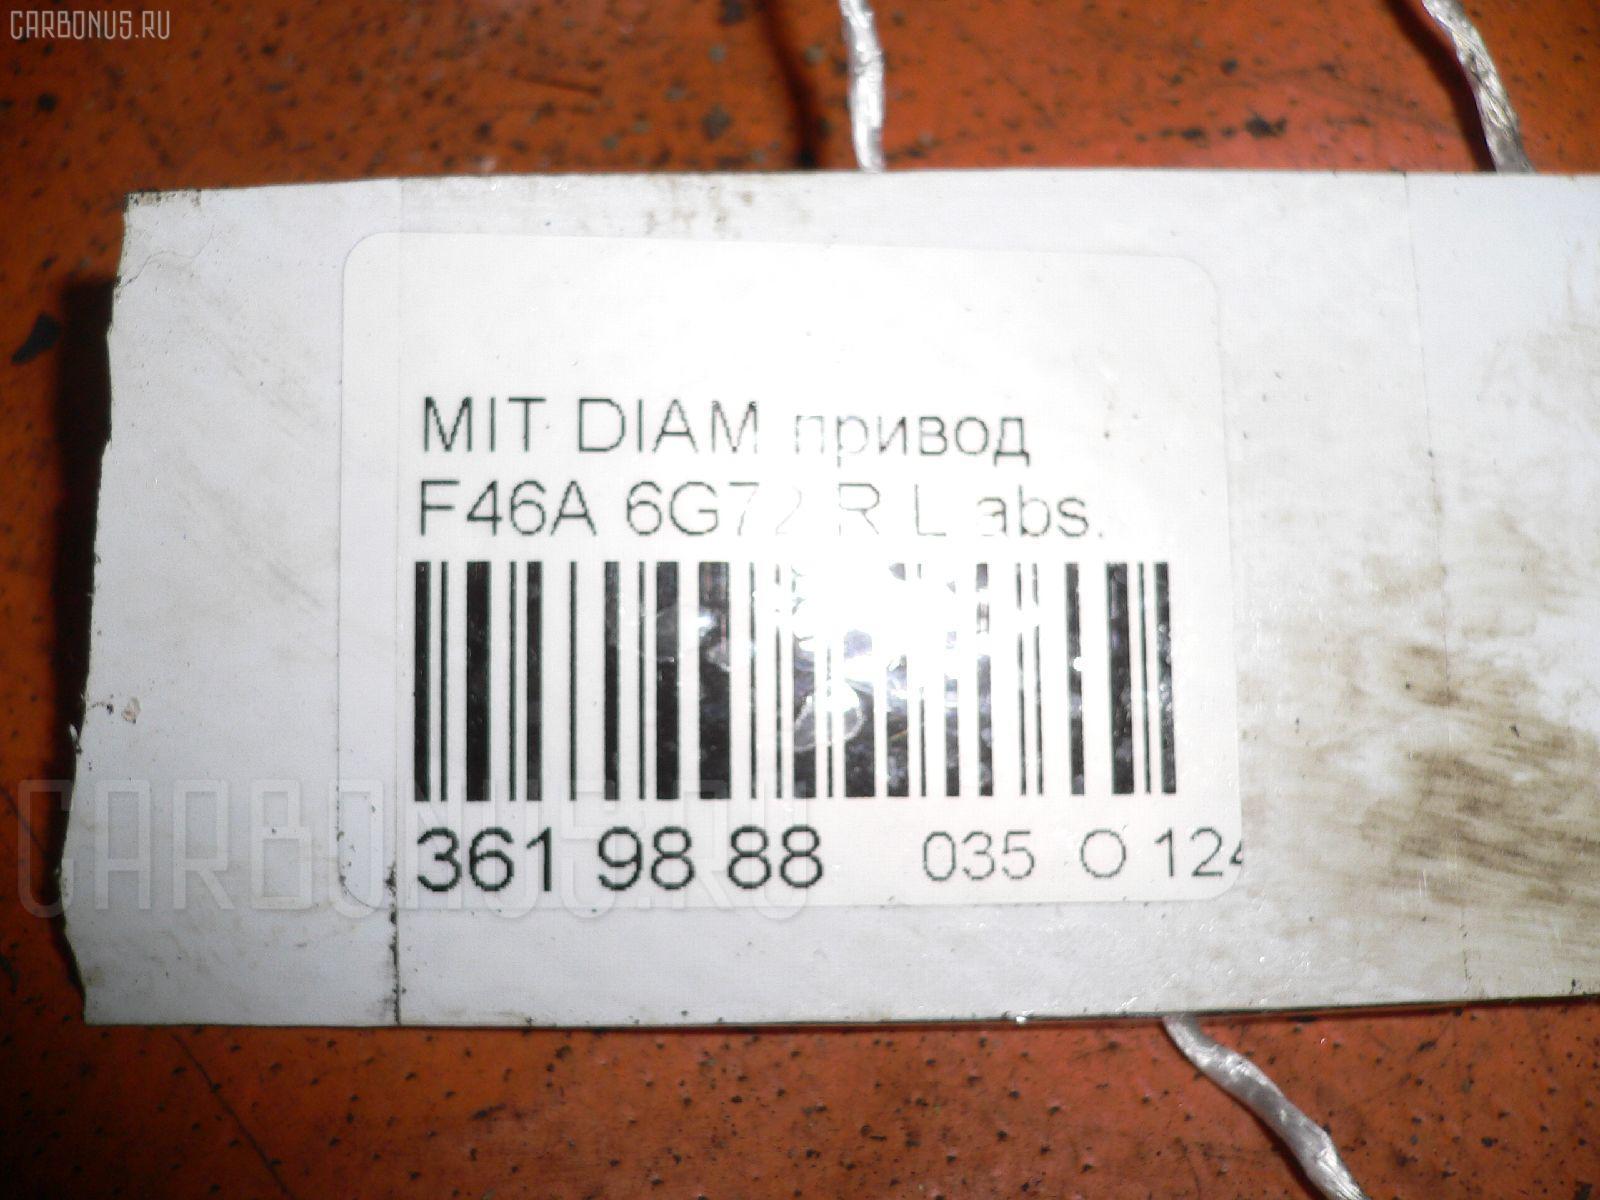 Привод MITSUBISHI DIAMANTE F46A 6G72 Фото 2